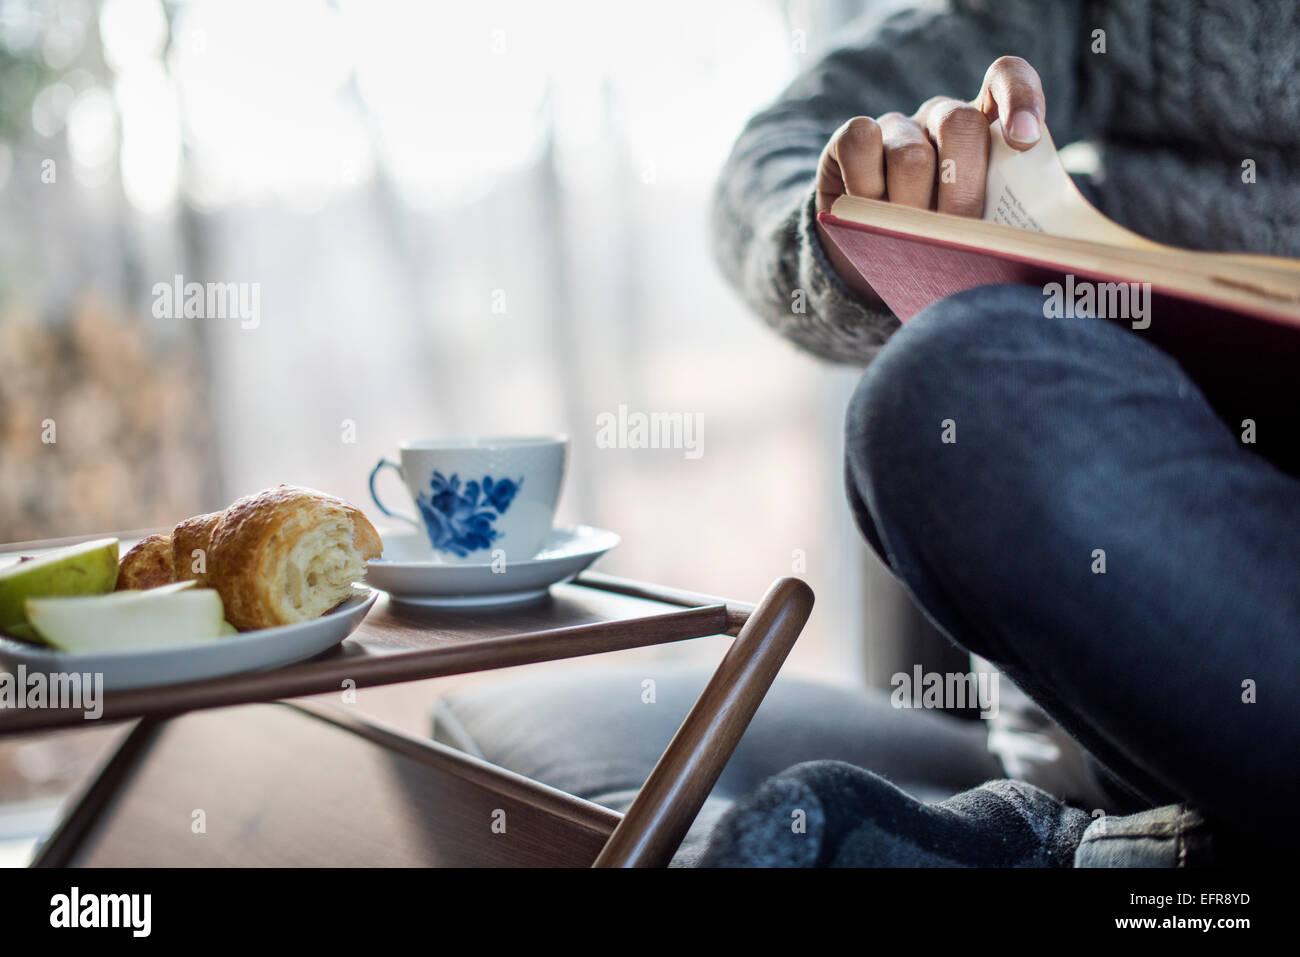 Mann ein Buch über seine Knie-Tasse und Untertasse und eine Platte Apple und Croissant neben ihm Ausgleich. Stockbild